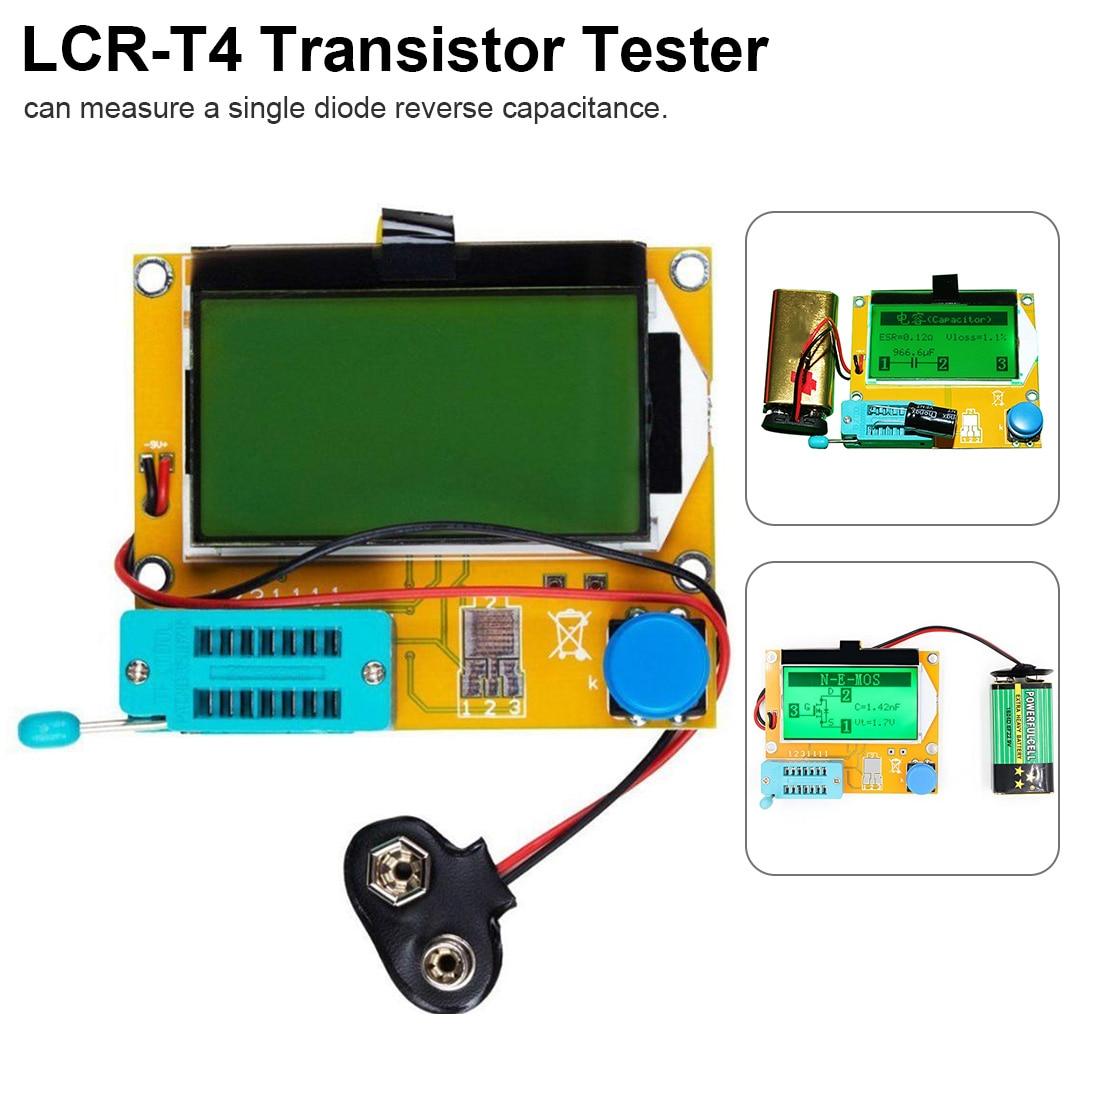 Измеритель ESR тестер транзисторов Цифровой LCR Mega328 V2.68 ESR T4 диодный Триод Емкость MOS/PNP/NPN LCR 12864 ЖК экран тестер|Мультиметры|   | АлиЭкспресс